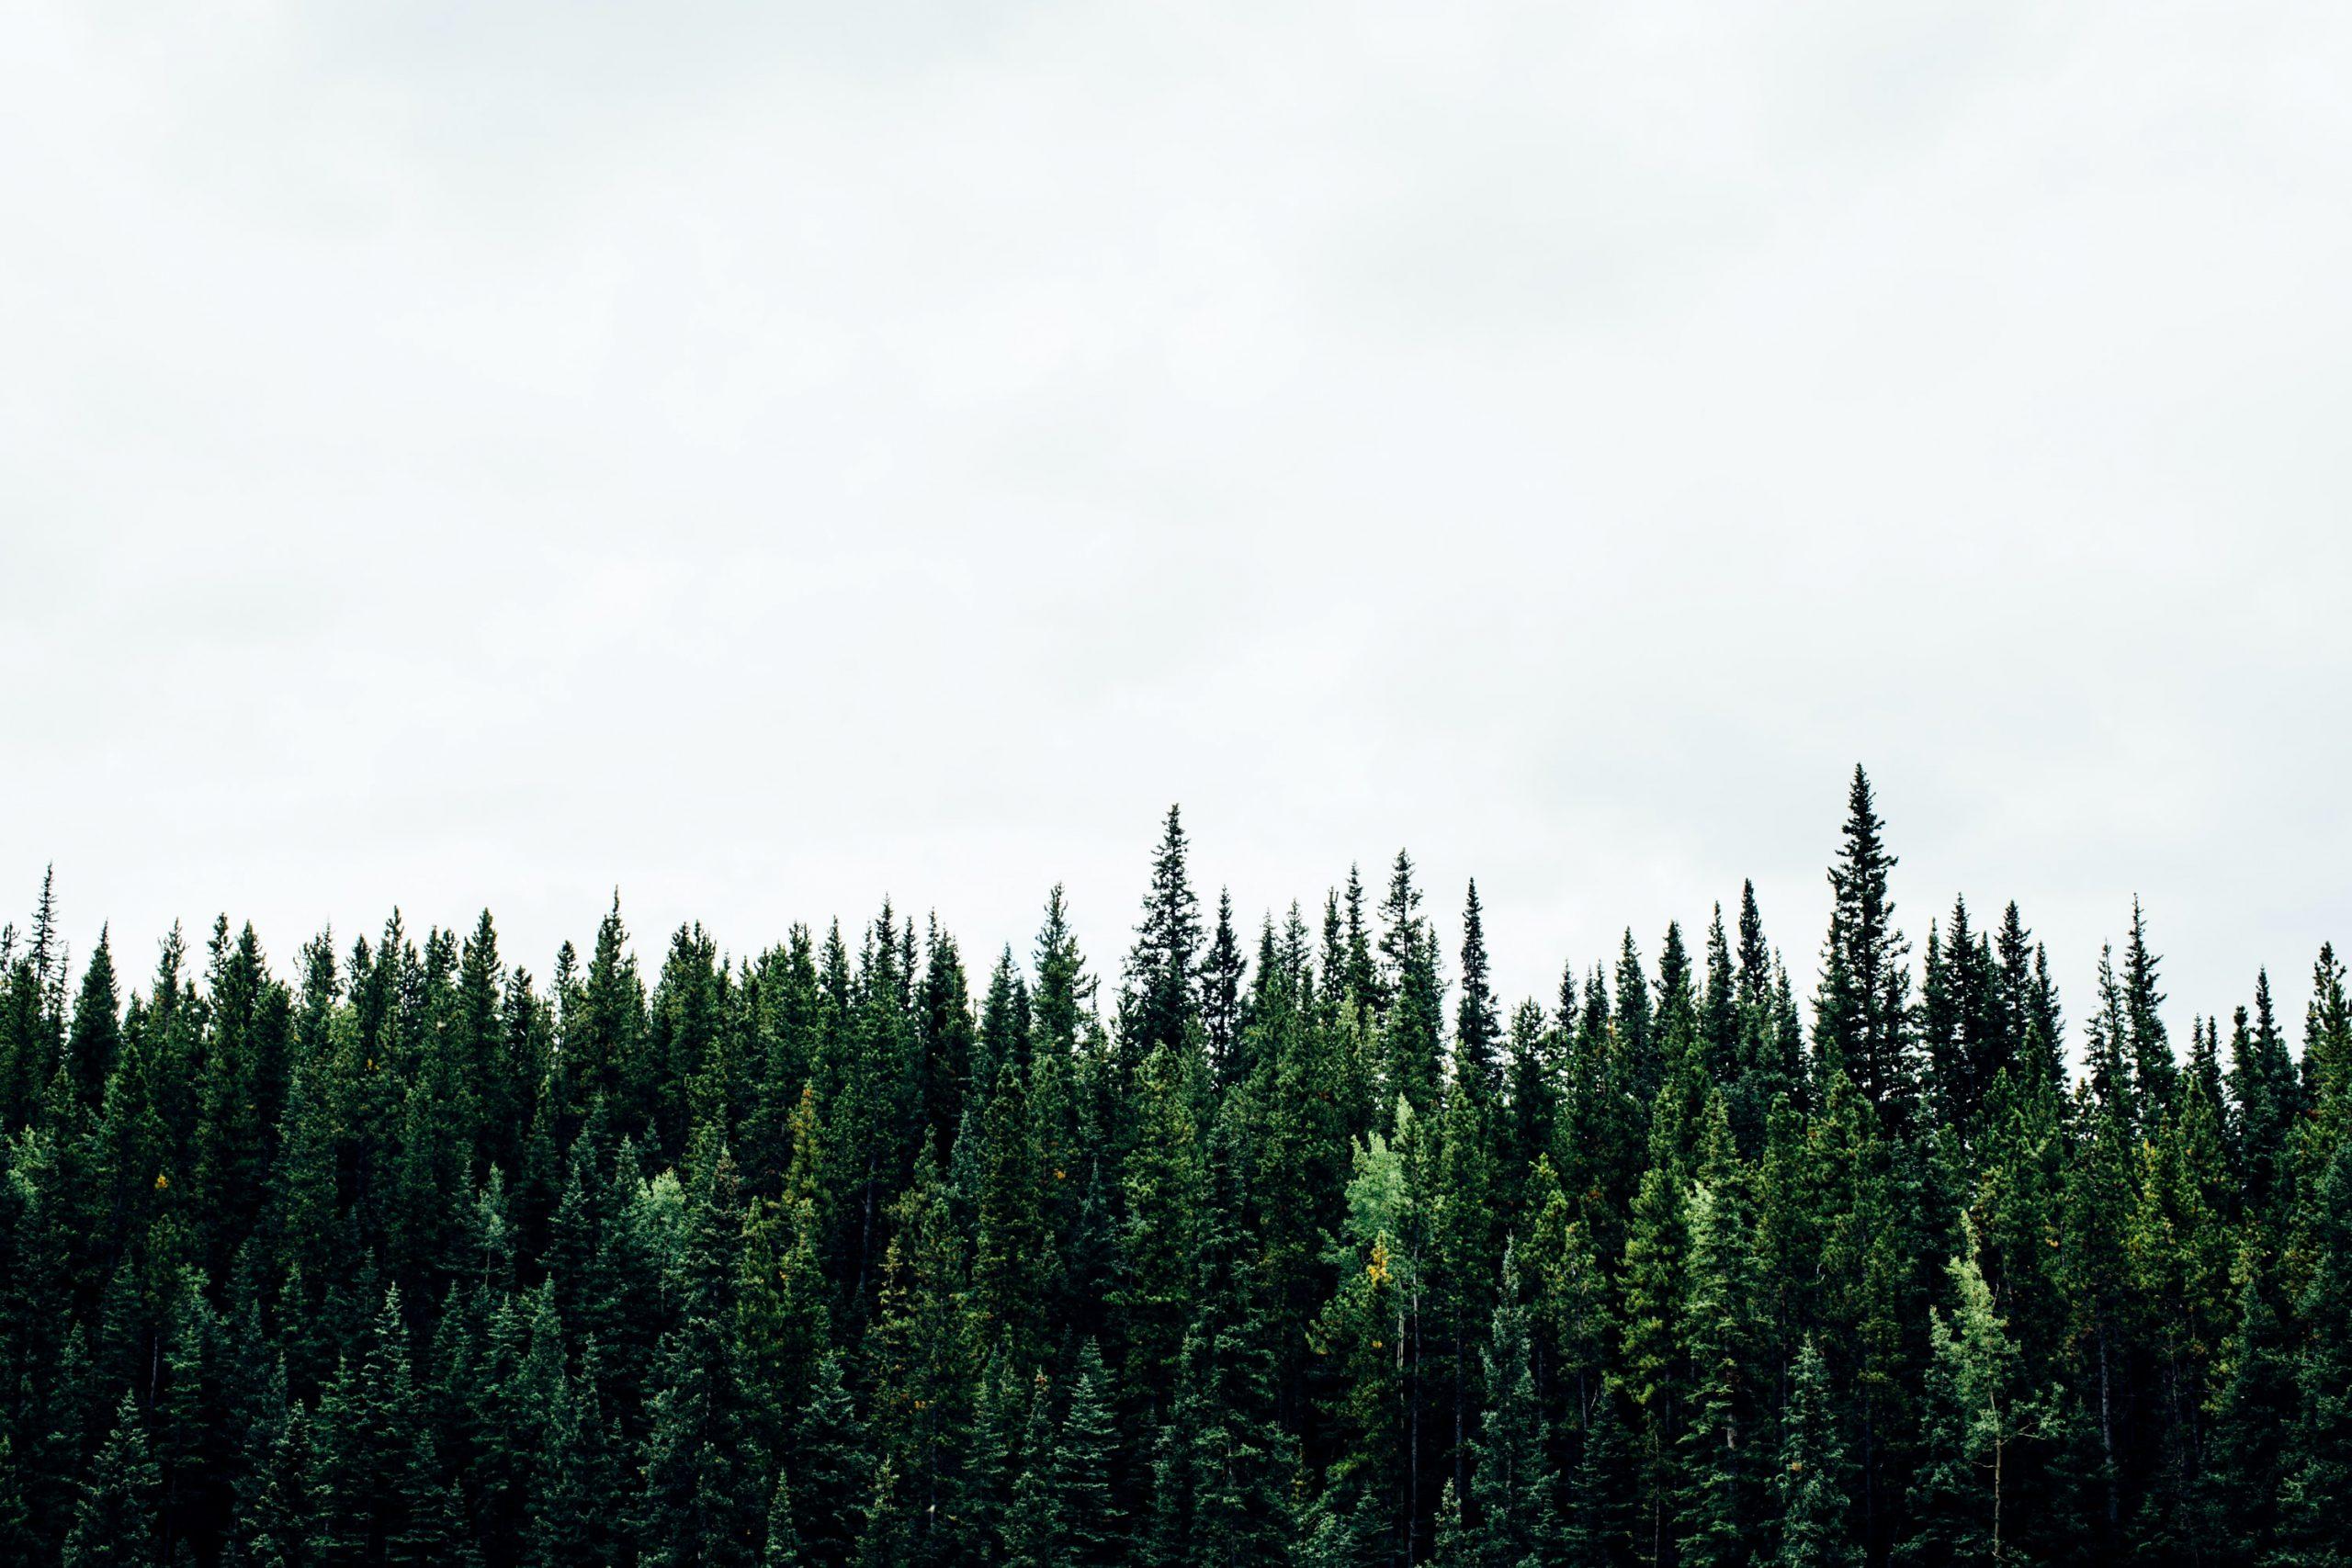 ağaçlandırma çalışması karbon ayak izi